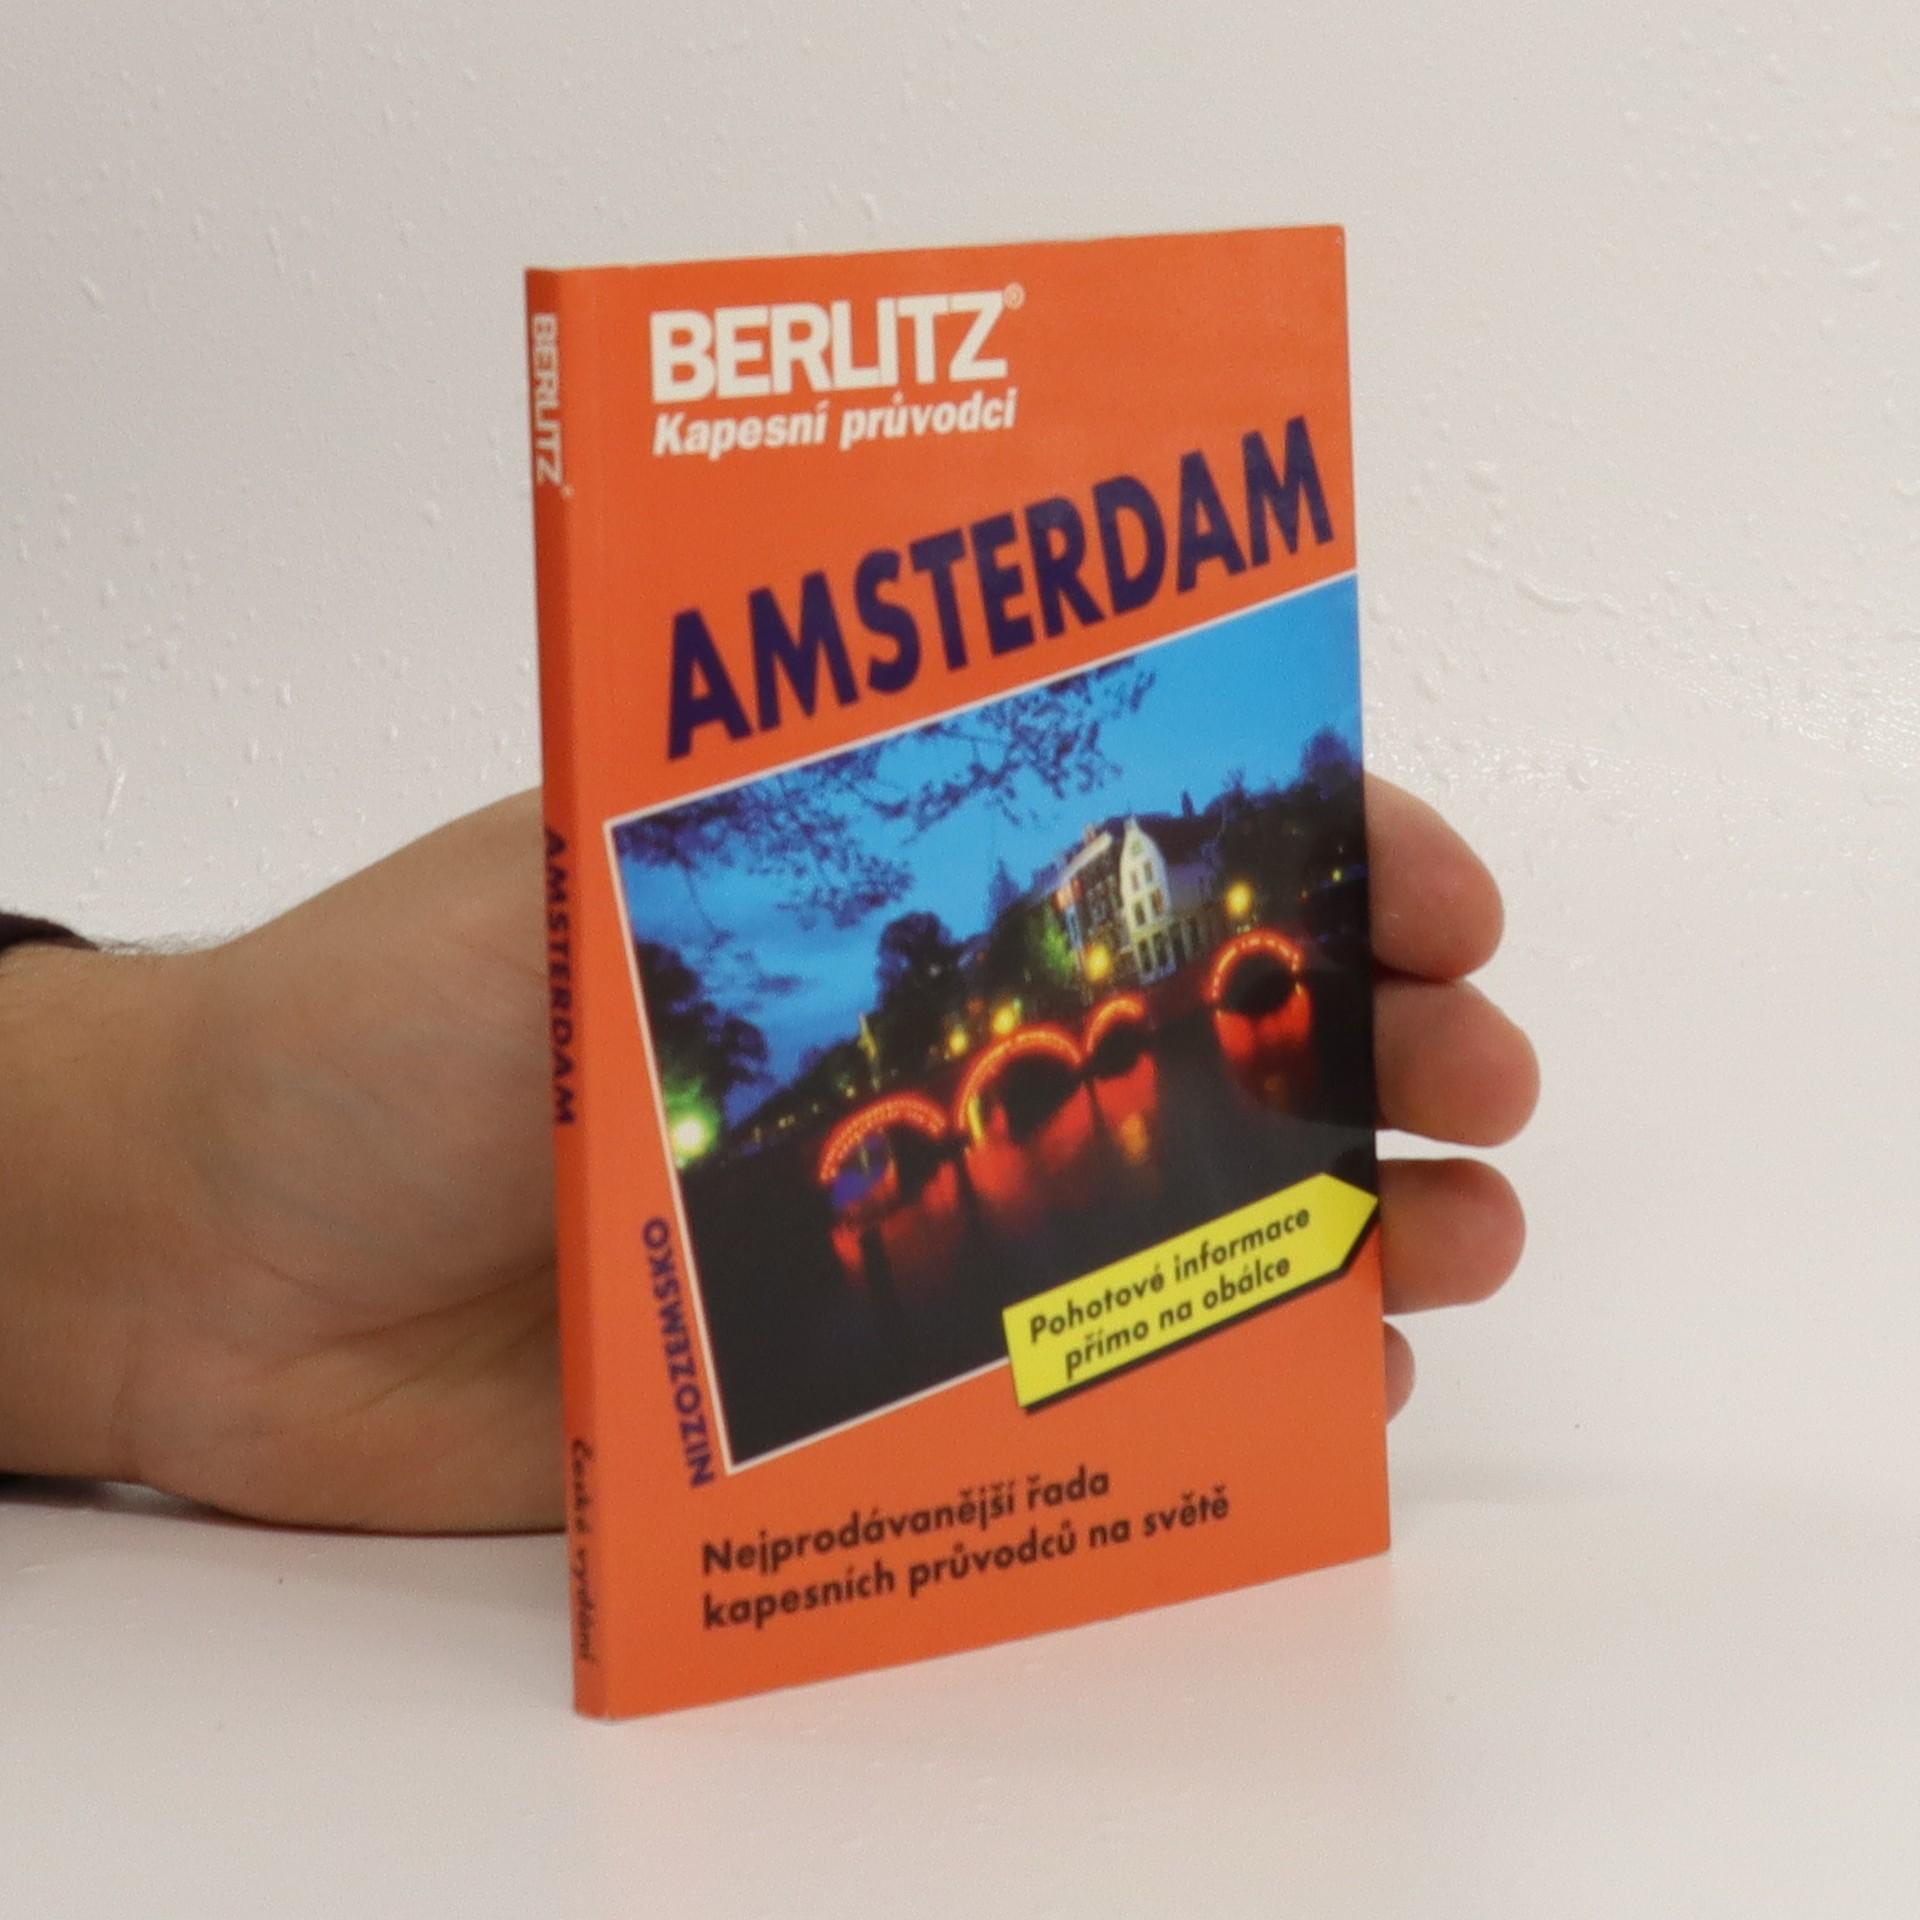 antikvární kniha Amsterdam, 1999